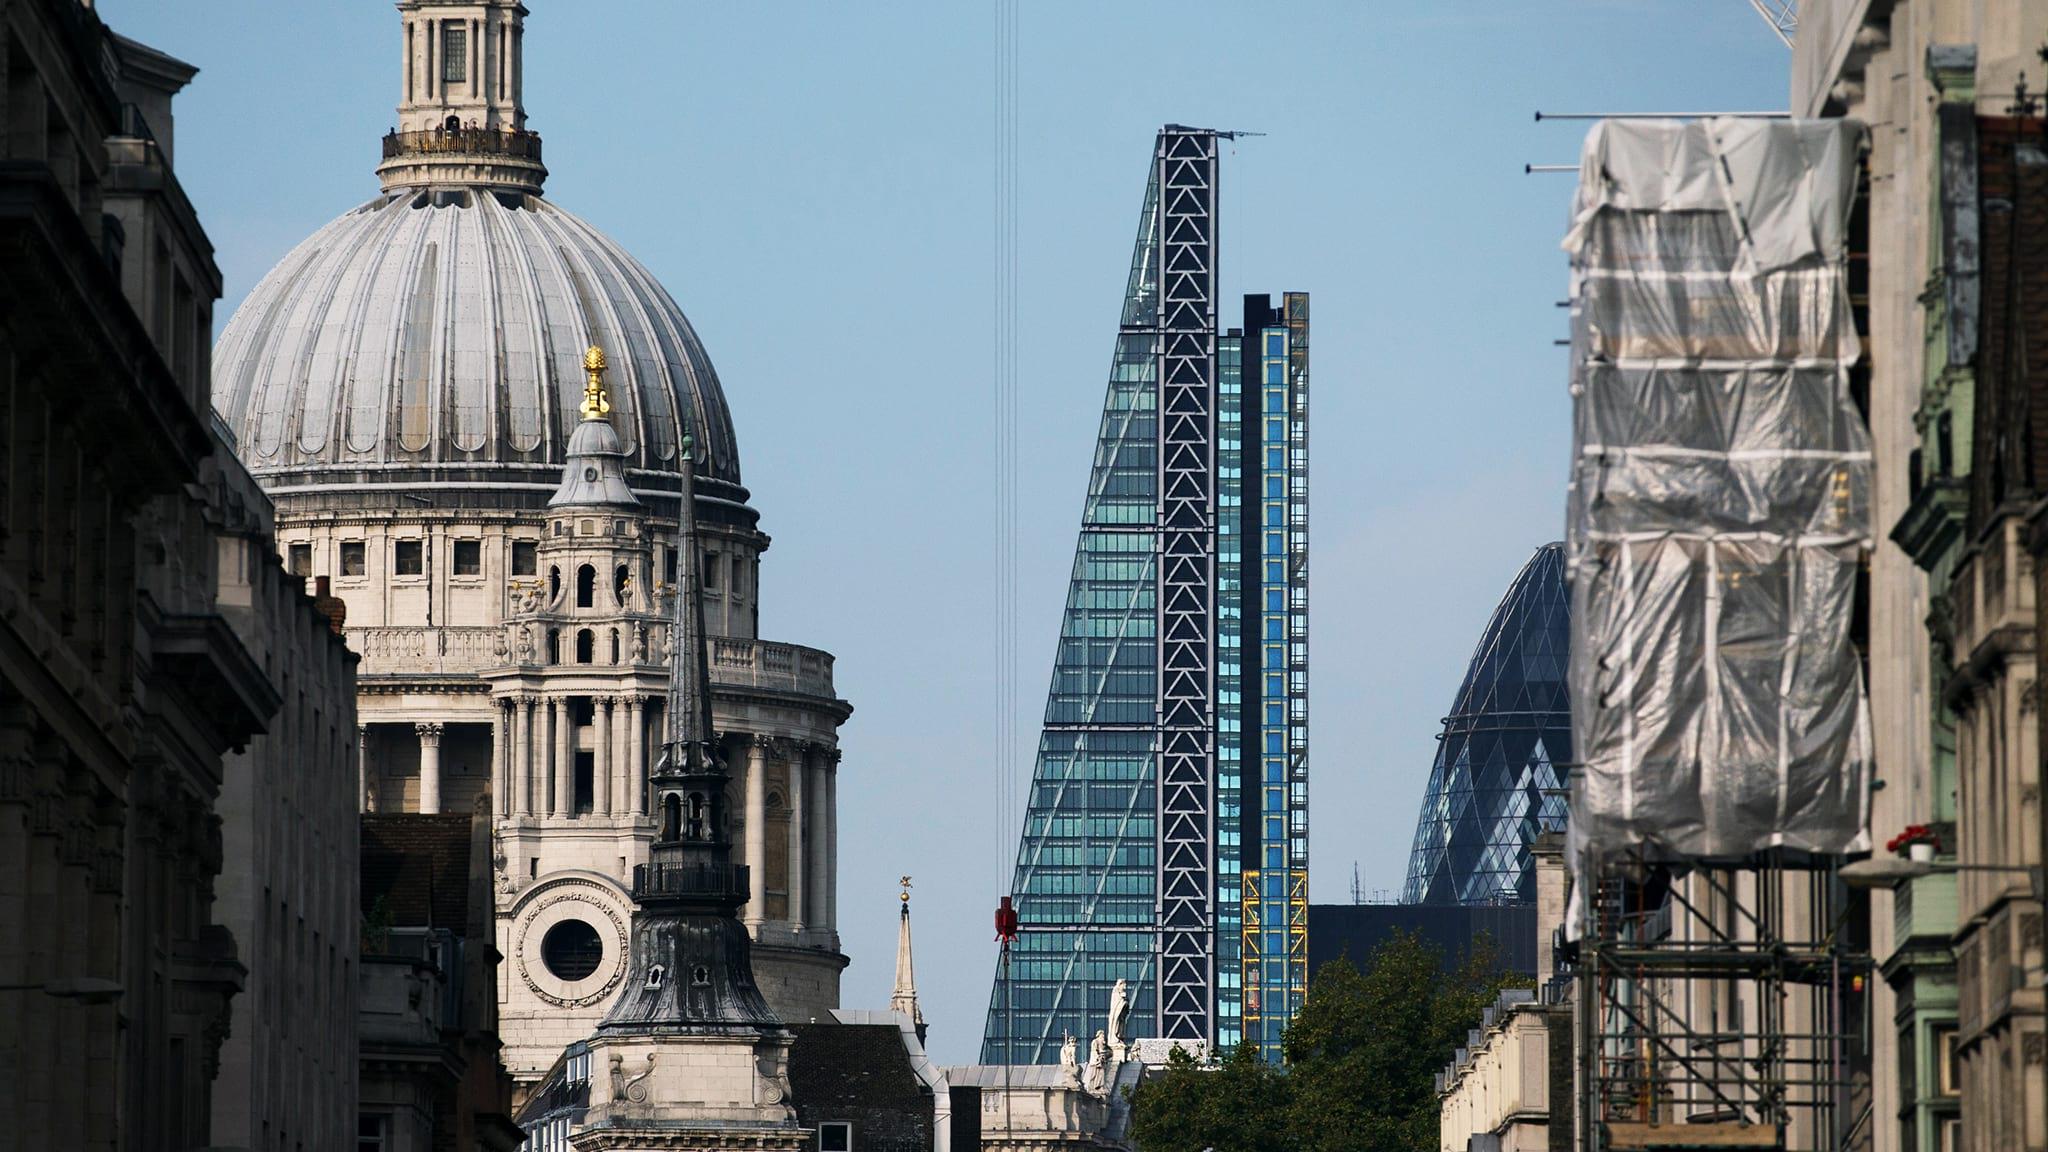 今年3月份,Oxford Properties以10多亿英镑将伦敦昵称Cheesegrater的摩天大楼Leadenhall Building的部分股分出售给了中国香港企业CC Land